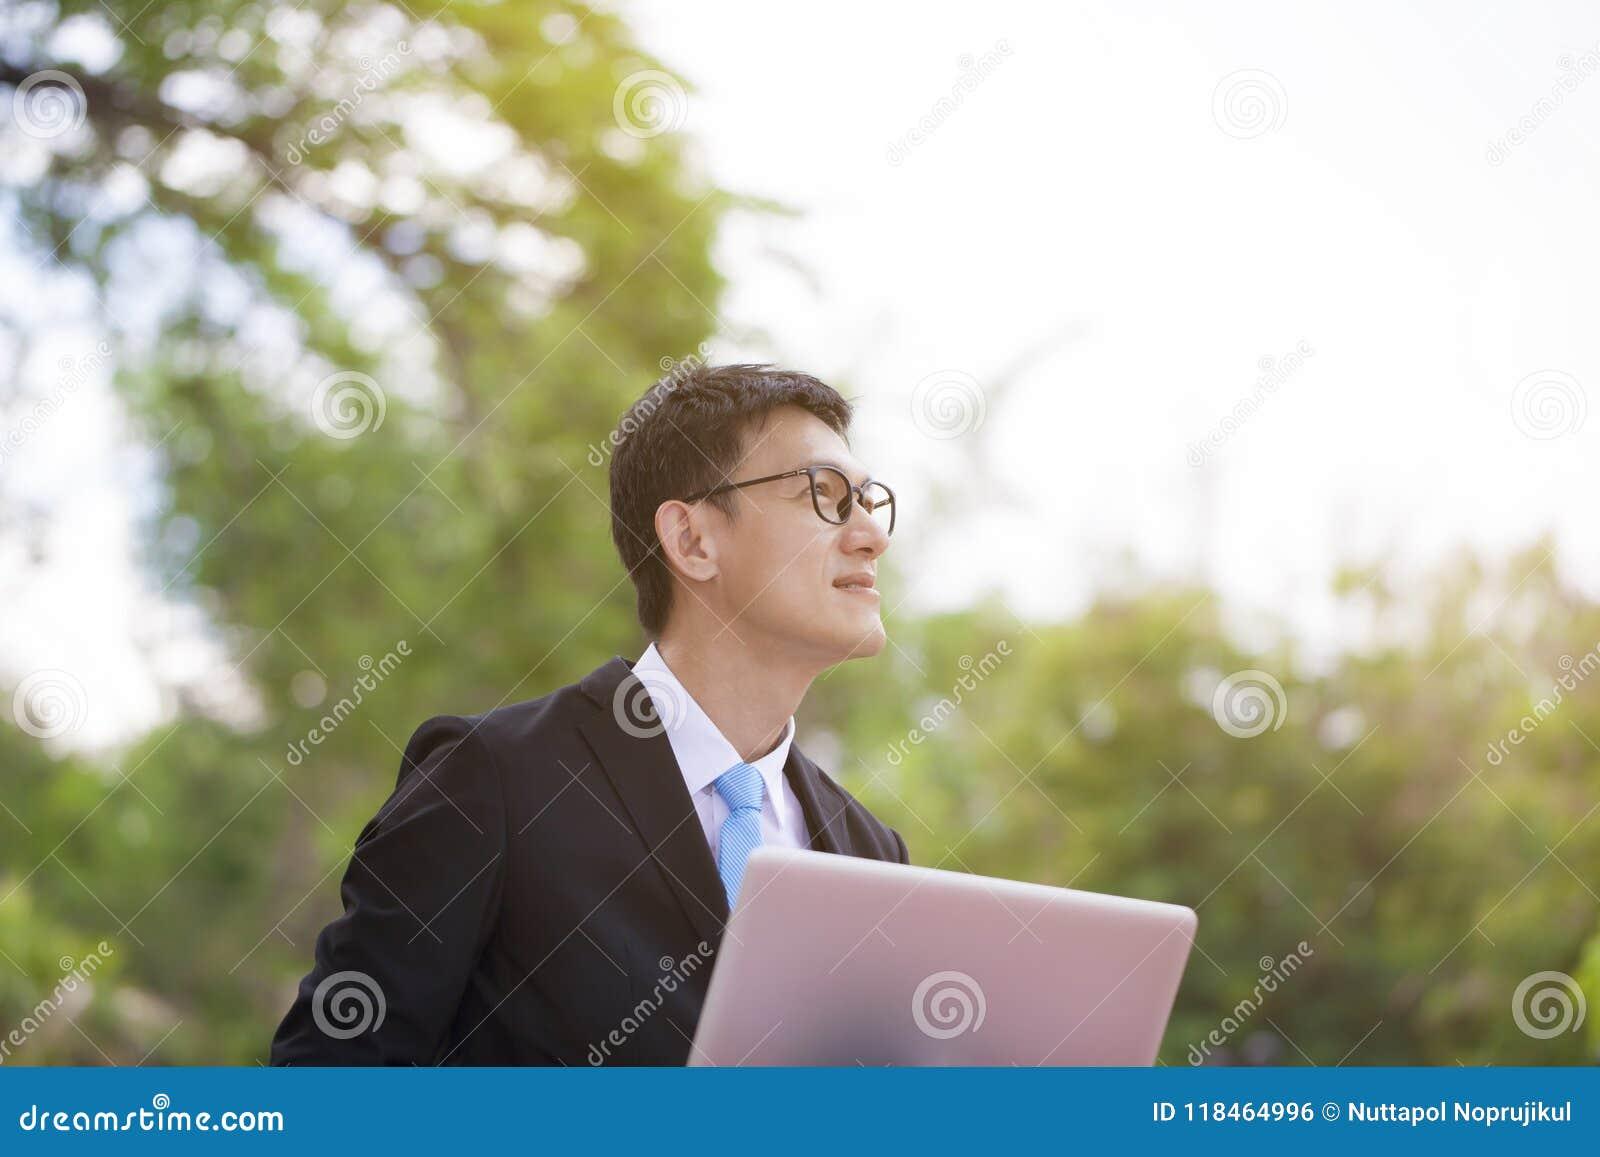 Młody szczęśliwy i pomyślny biznesmen ono uśmiecha się podczas jego br i